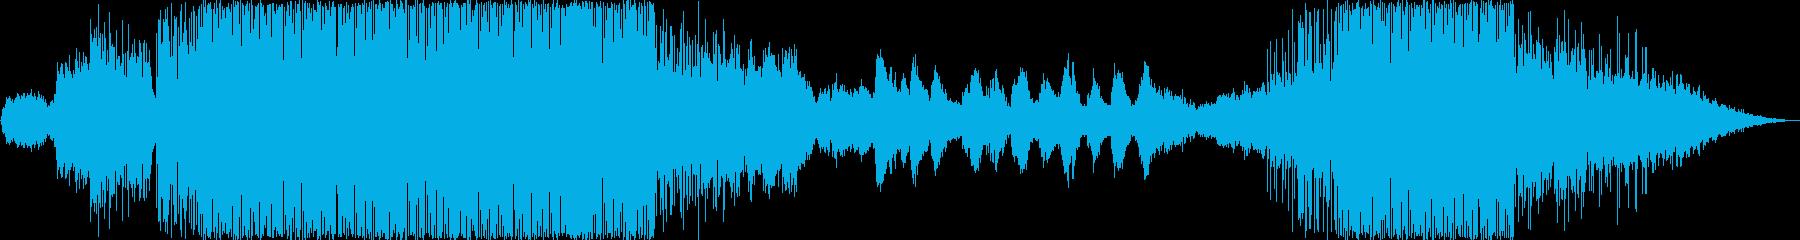 アンビエントなシンセとステディなリズム…の再生済みの波形